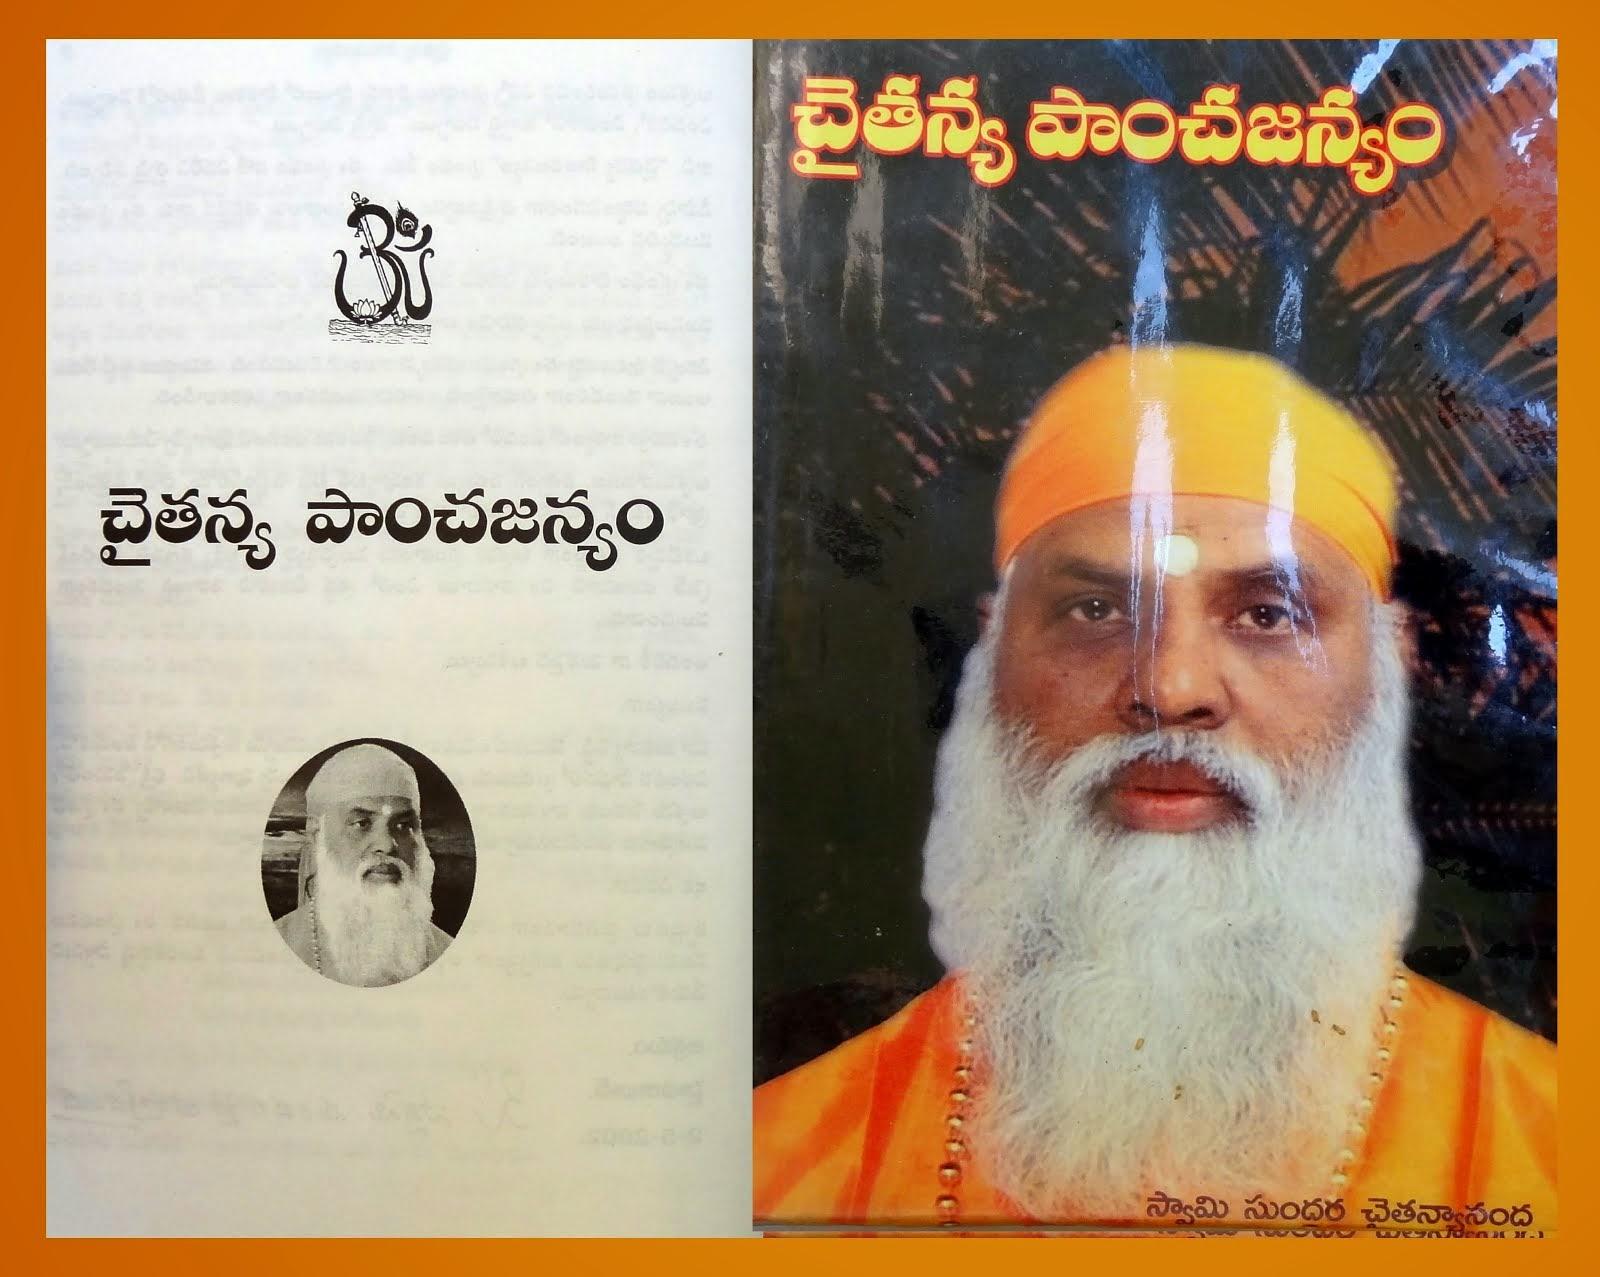 చైతన్య పాంచజన్యం - స్వామి సుందర చైతన్యానంద